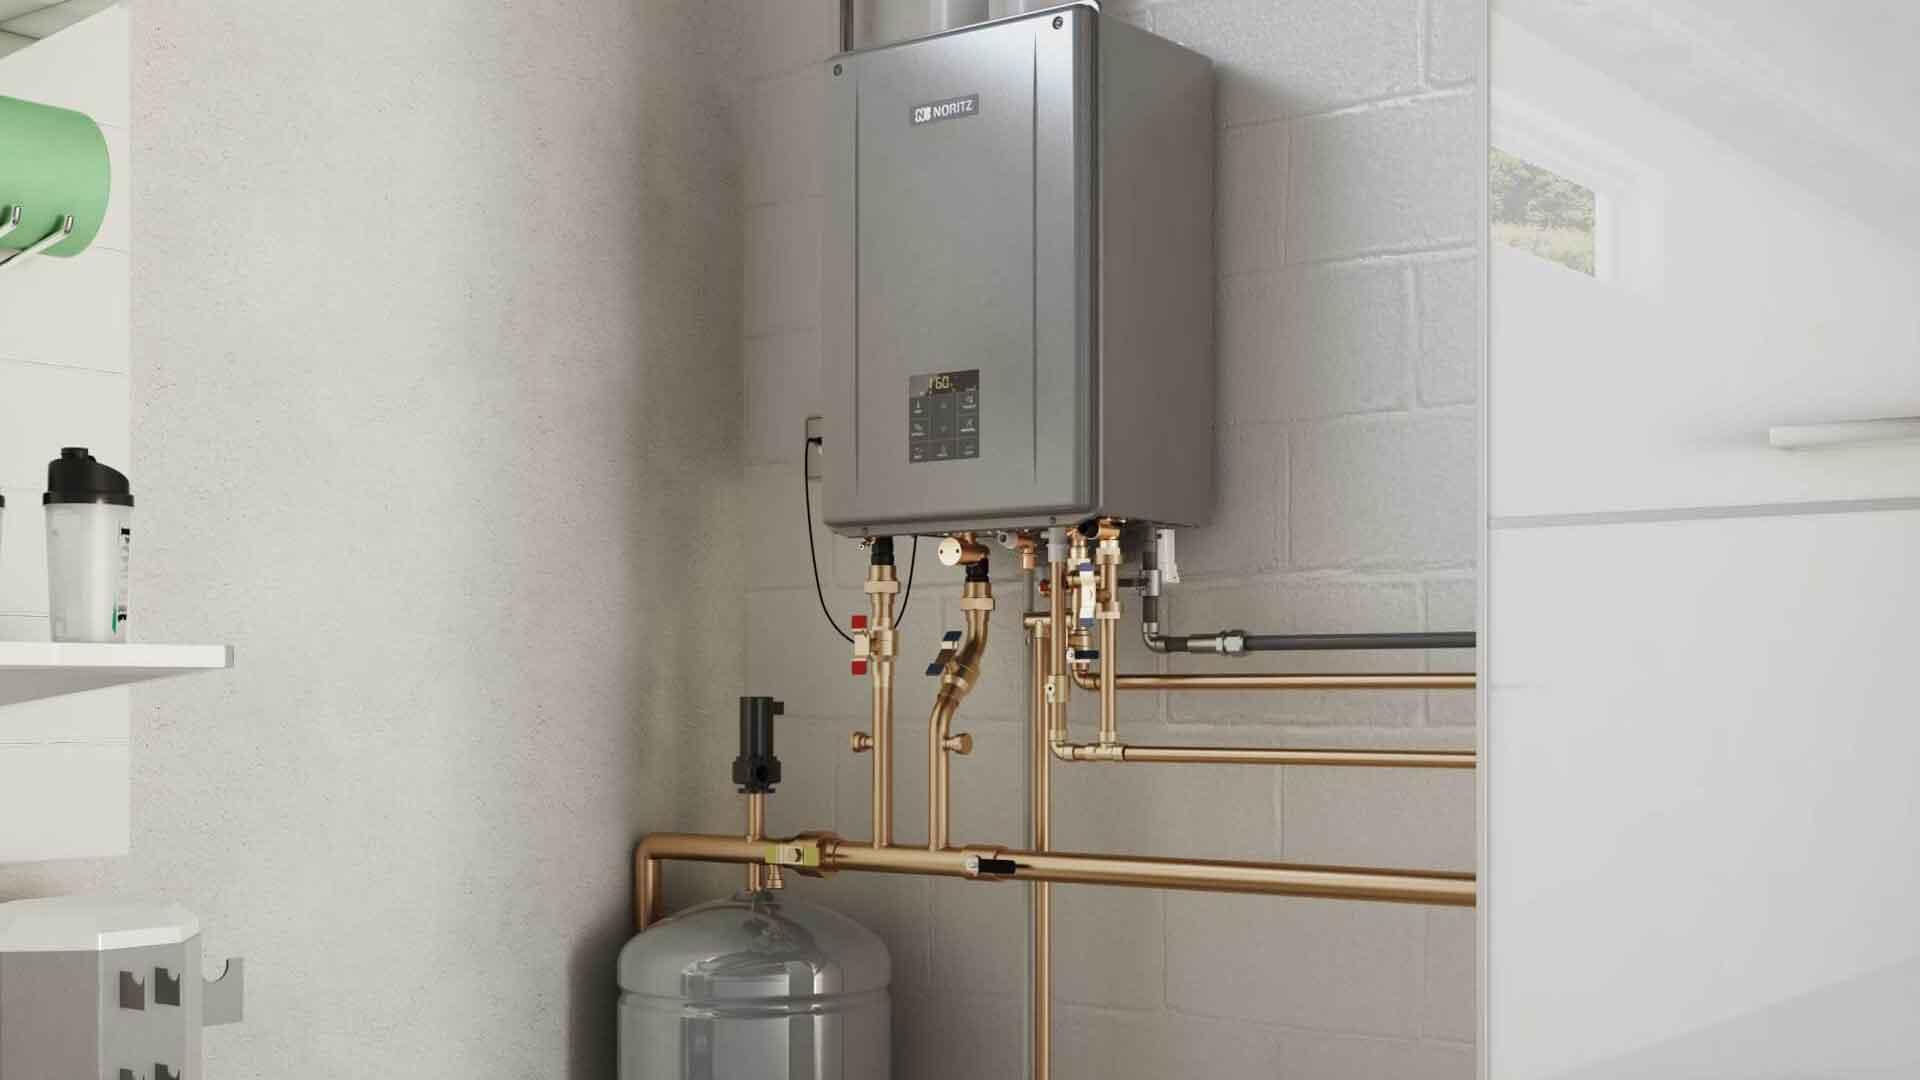 noritz-tankless-water-heater-installation